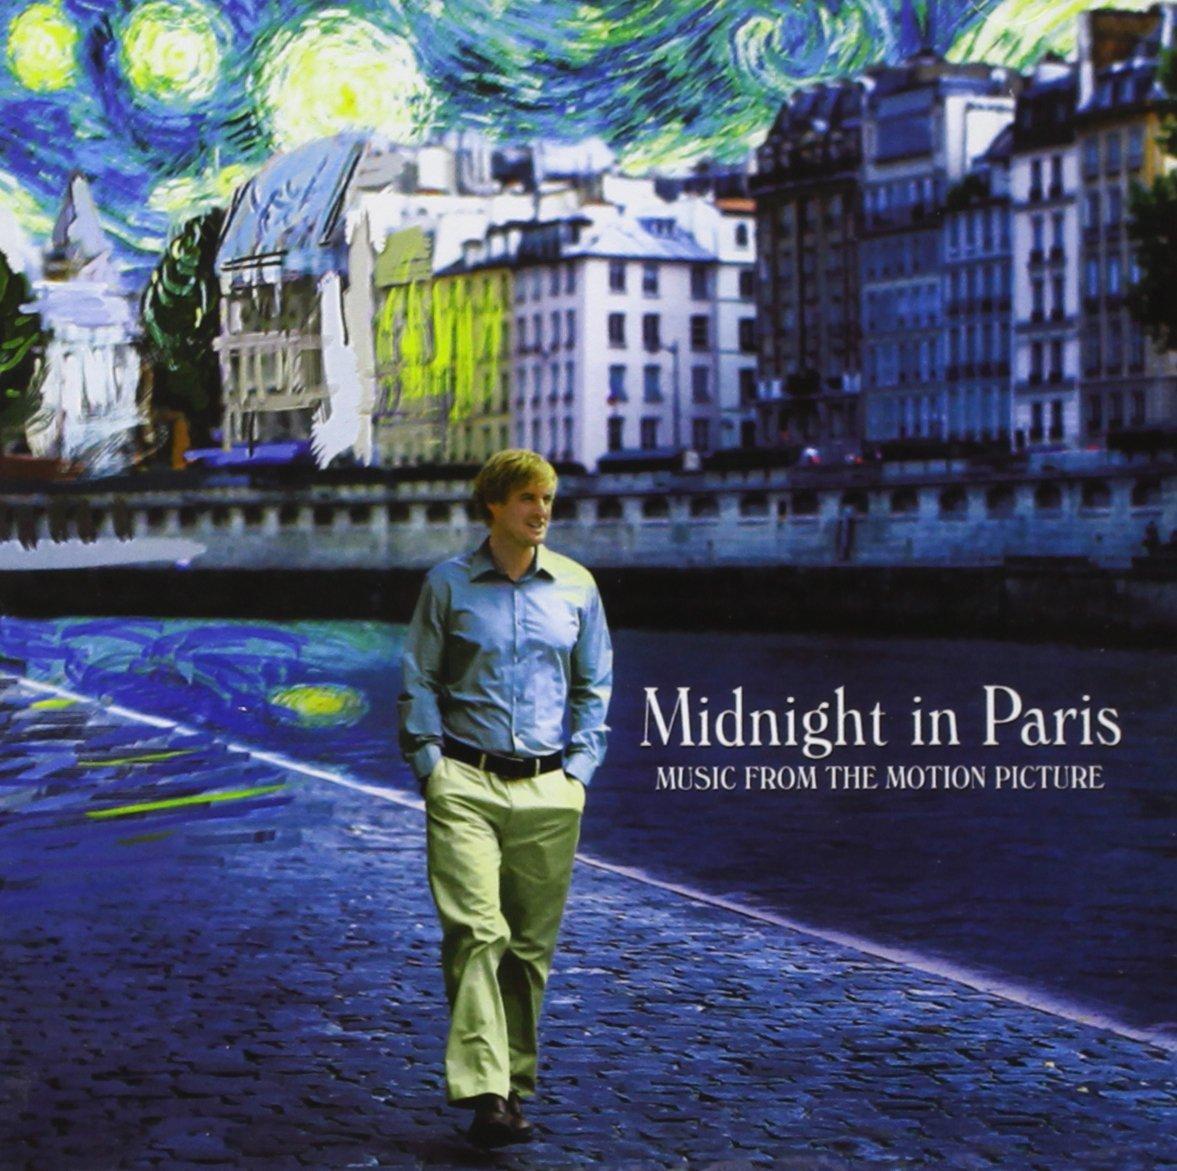 映画のマジックで居場所探し『ミッドナイト・イン・パリ』